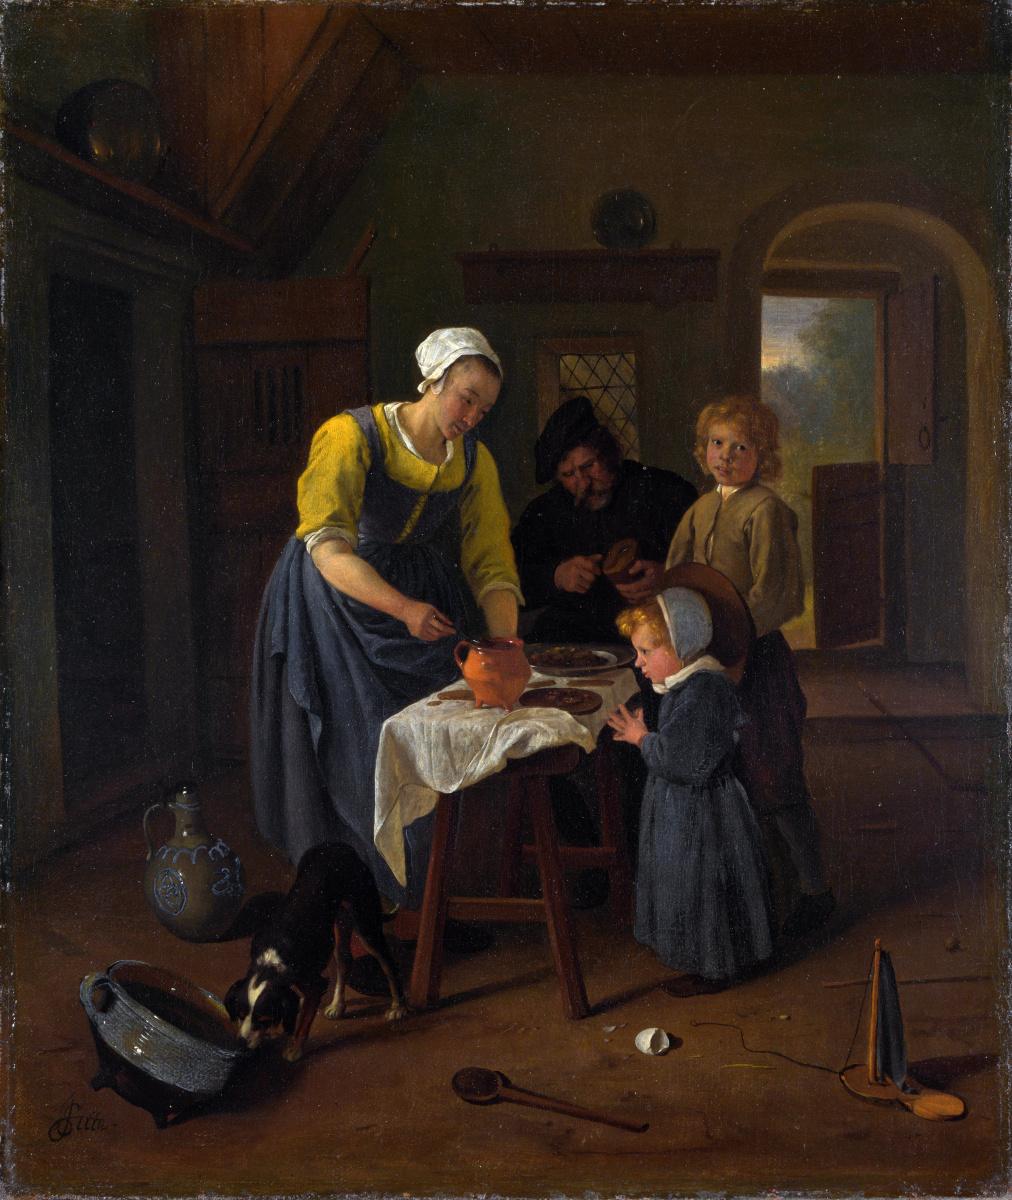 Ян Стен. Крестьянская семья во время еды